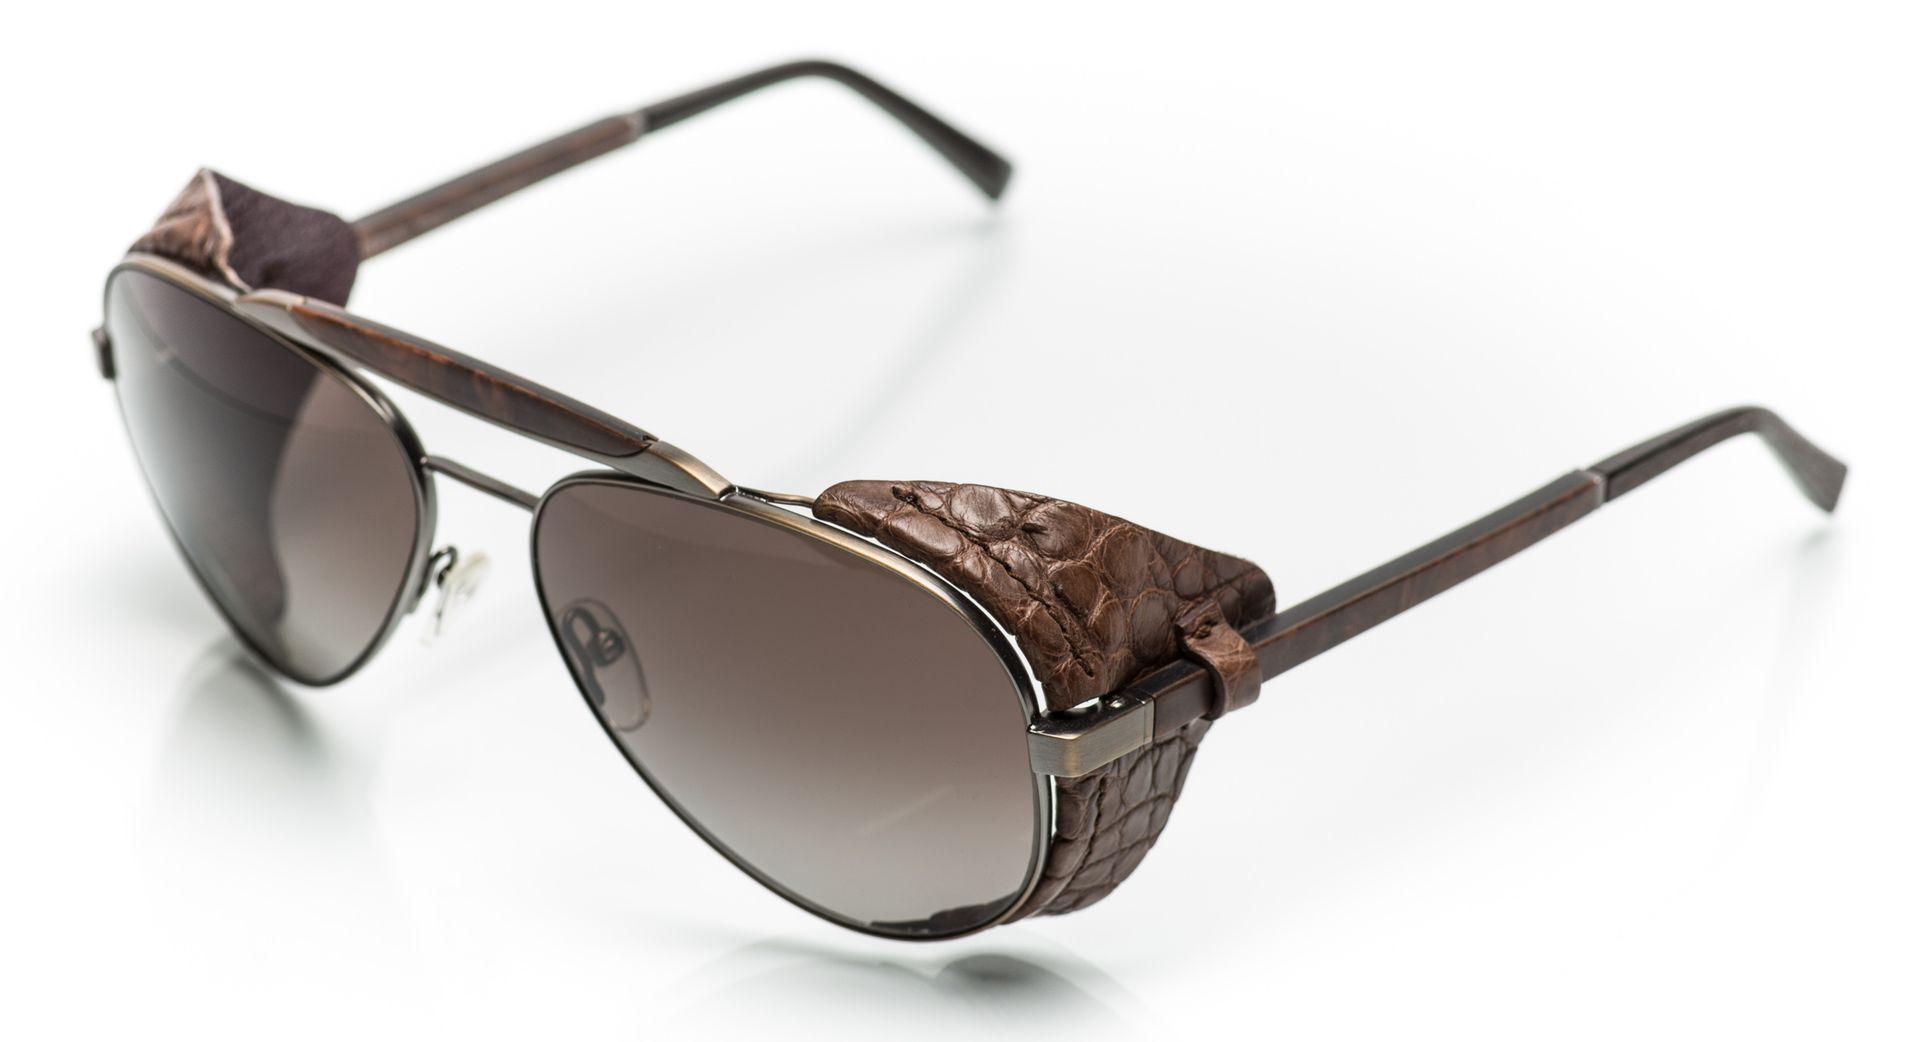 2b46b5c74f Luksusowe okulary marki Gold & Wood - Studio optyczne 44